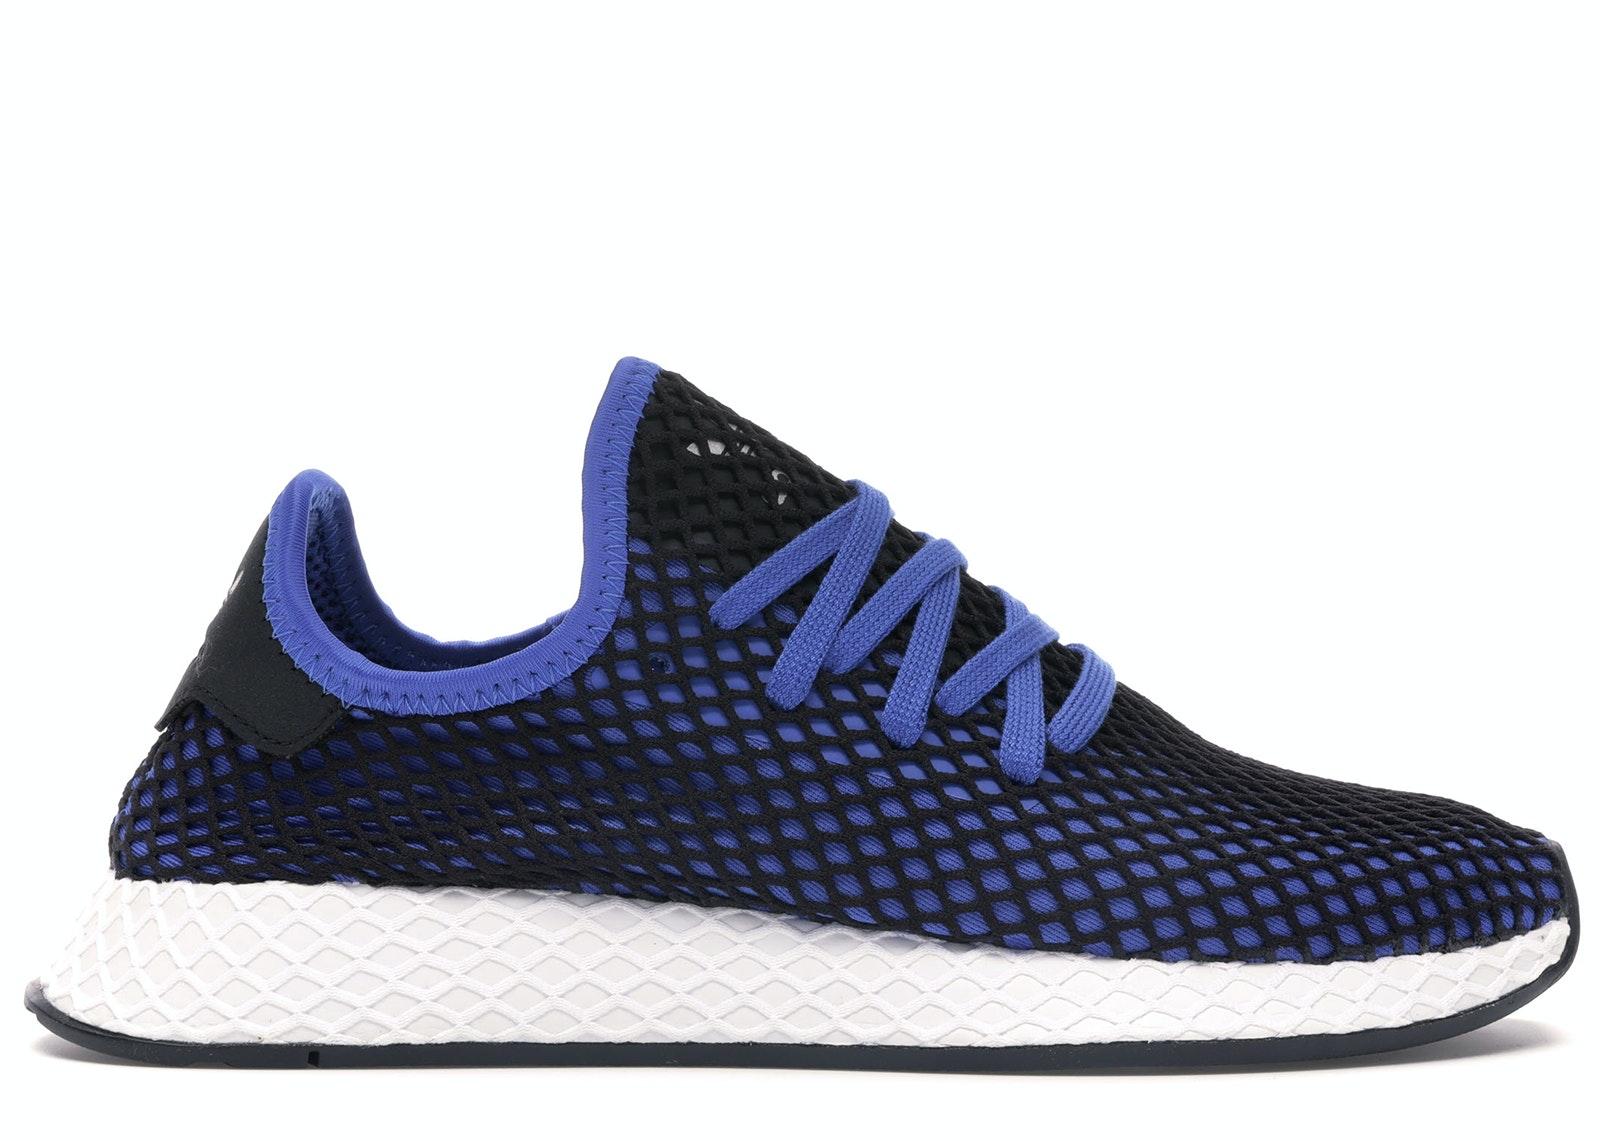 adidas Deerupt Hi Res Blue